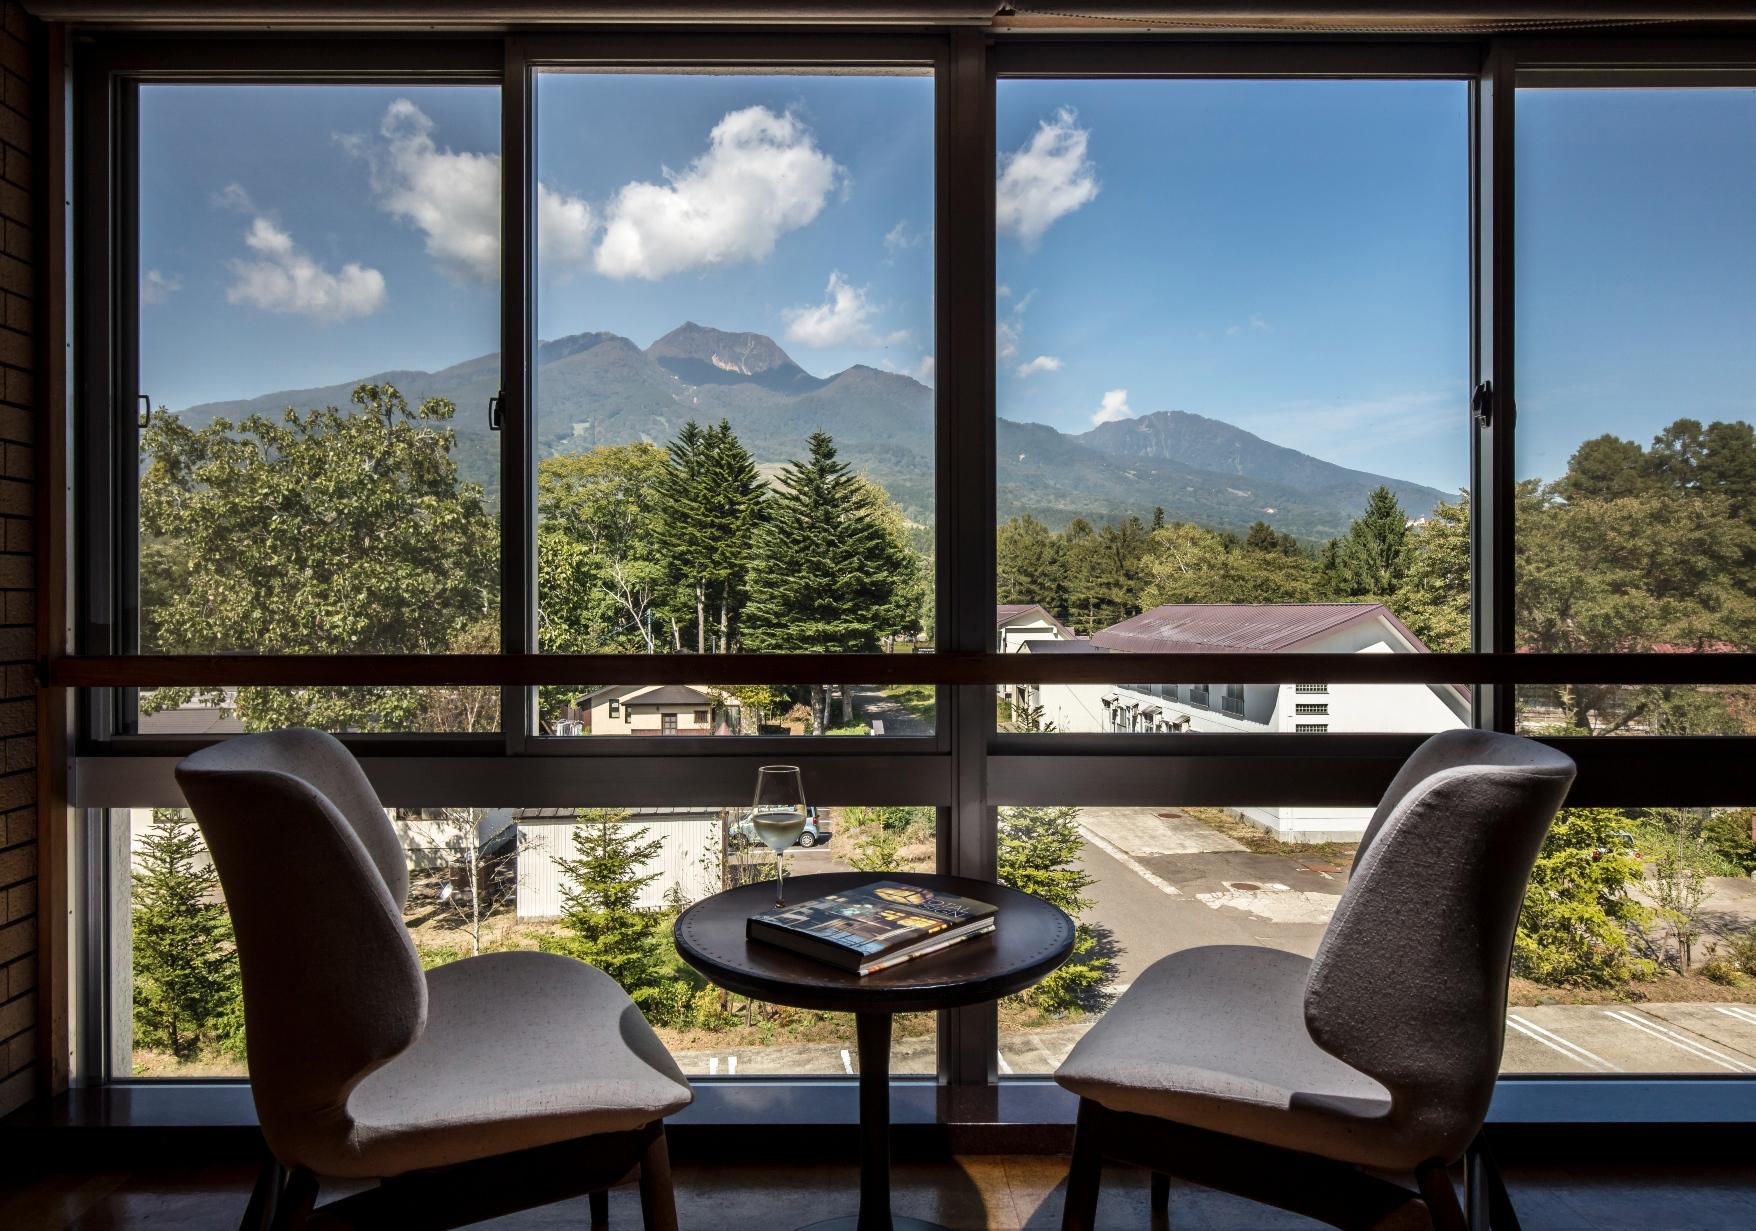 「キャリアは、劣等感を生かして切り開く」。50以上のホテルを経営した浅生亜也さんを動かす、熱量の源